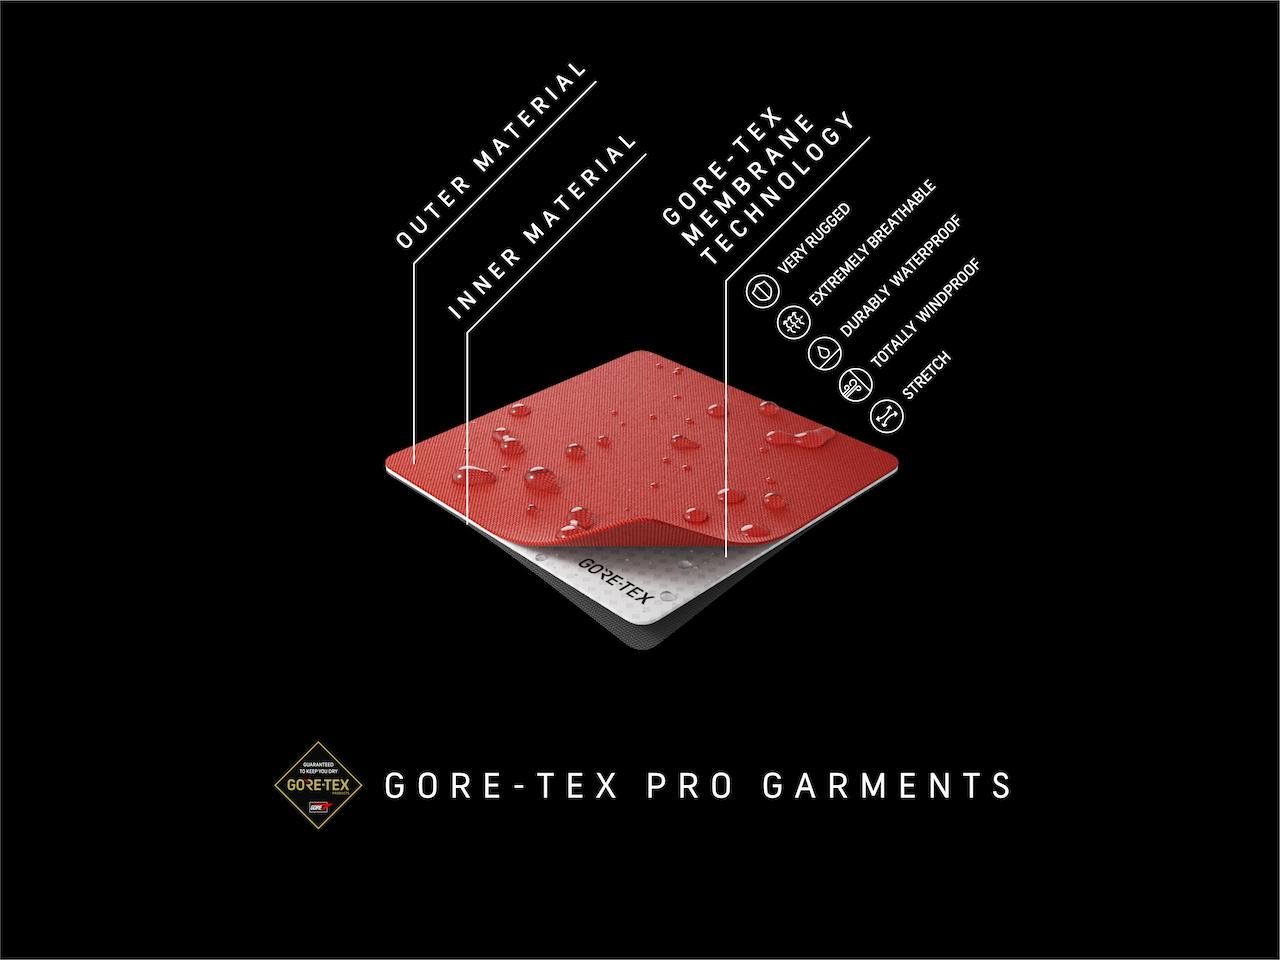 GORE-TEX PRO_3L_Graphic